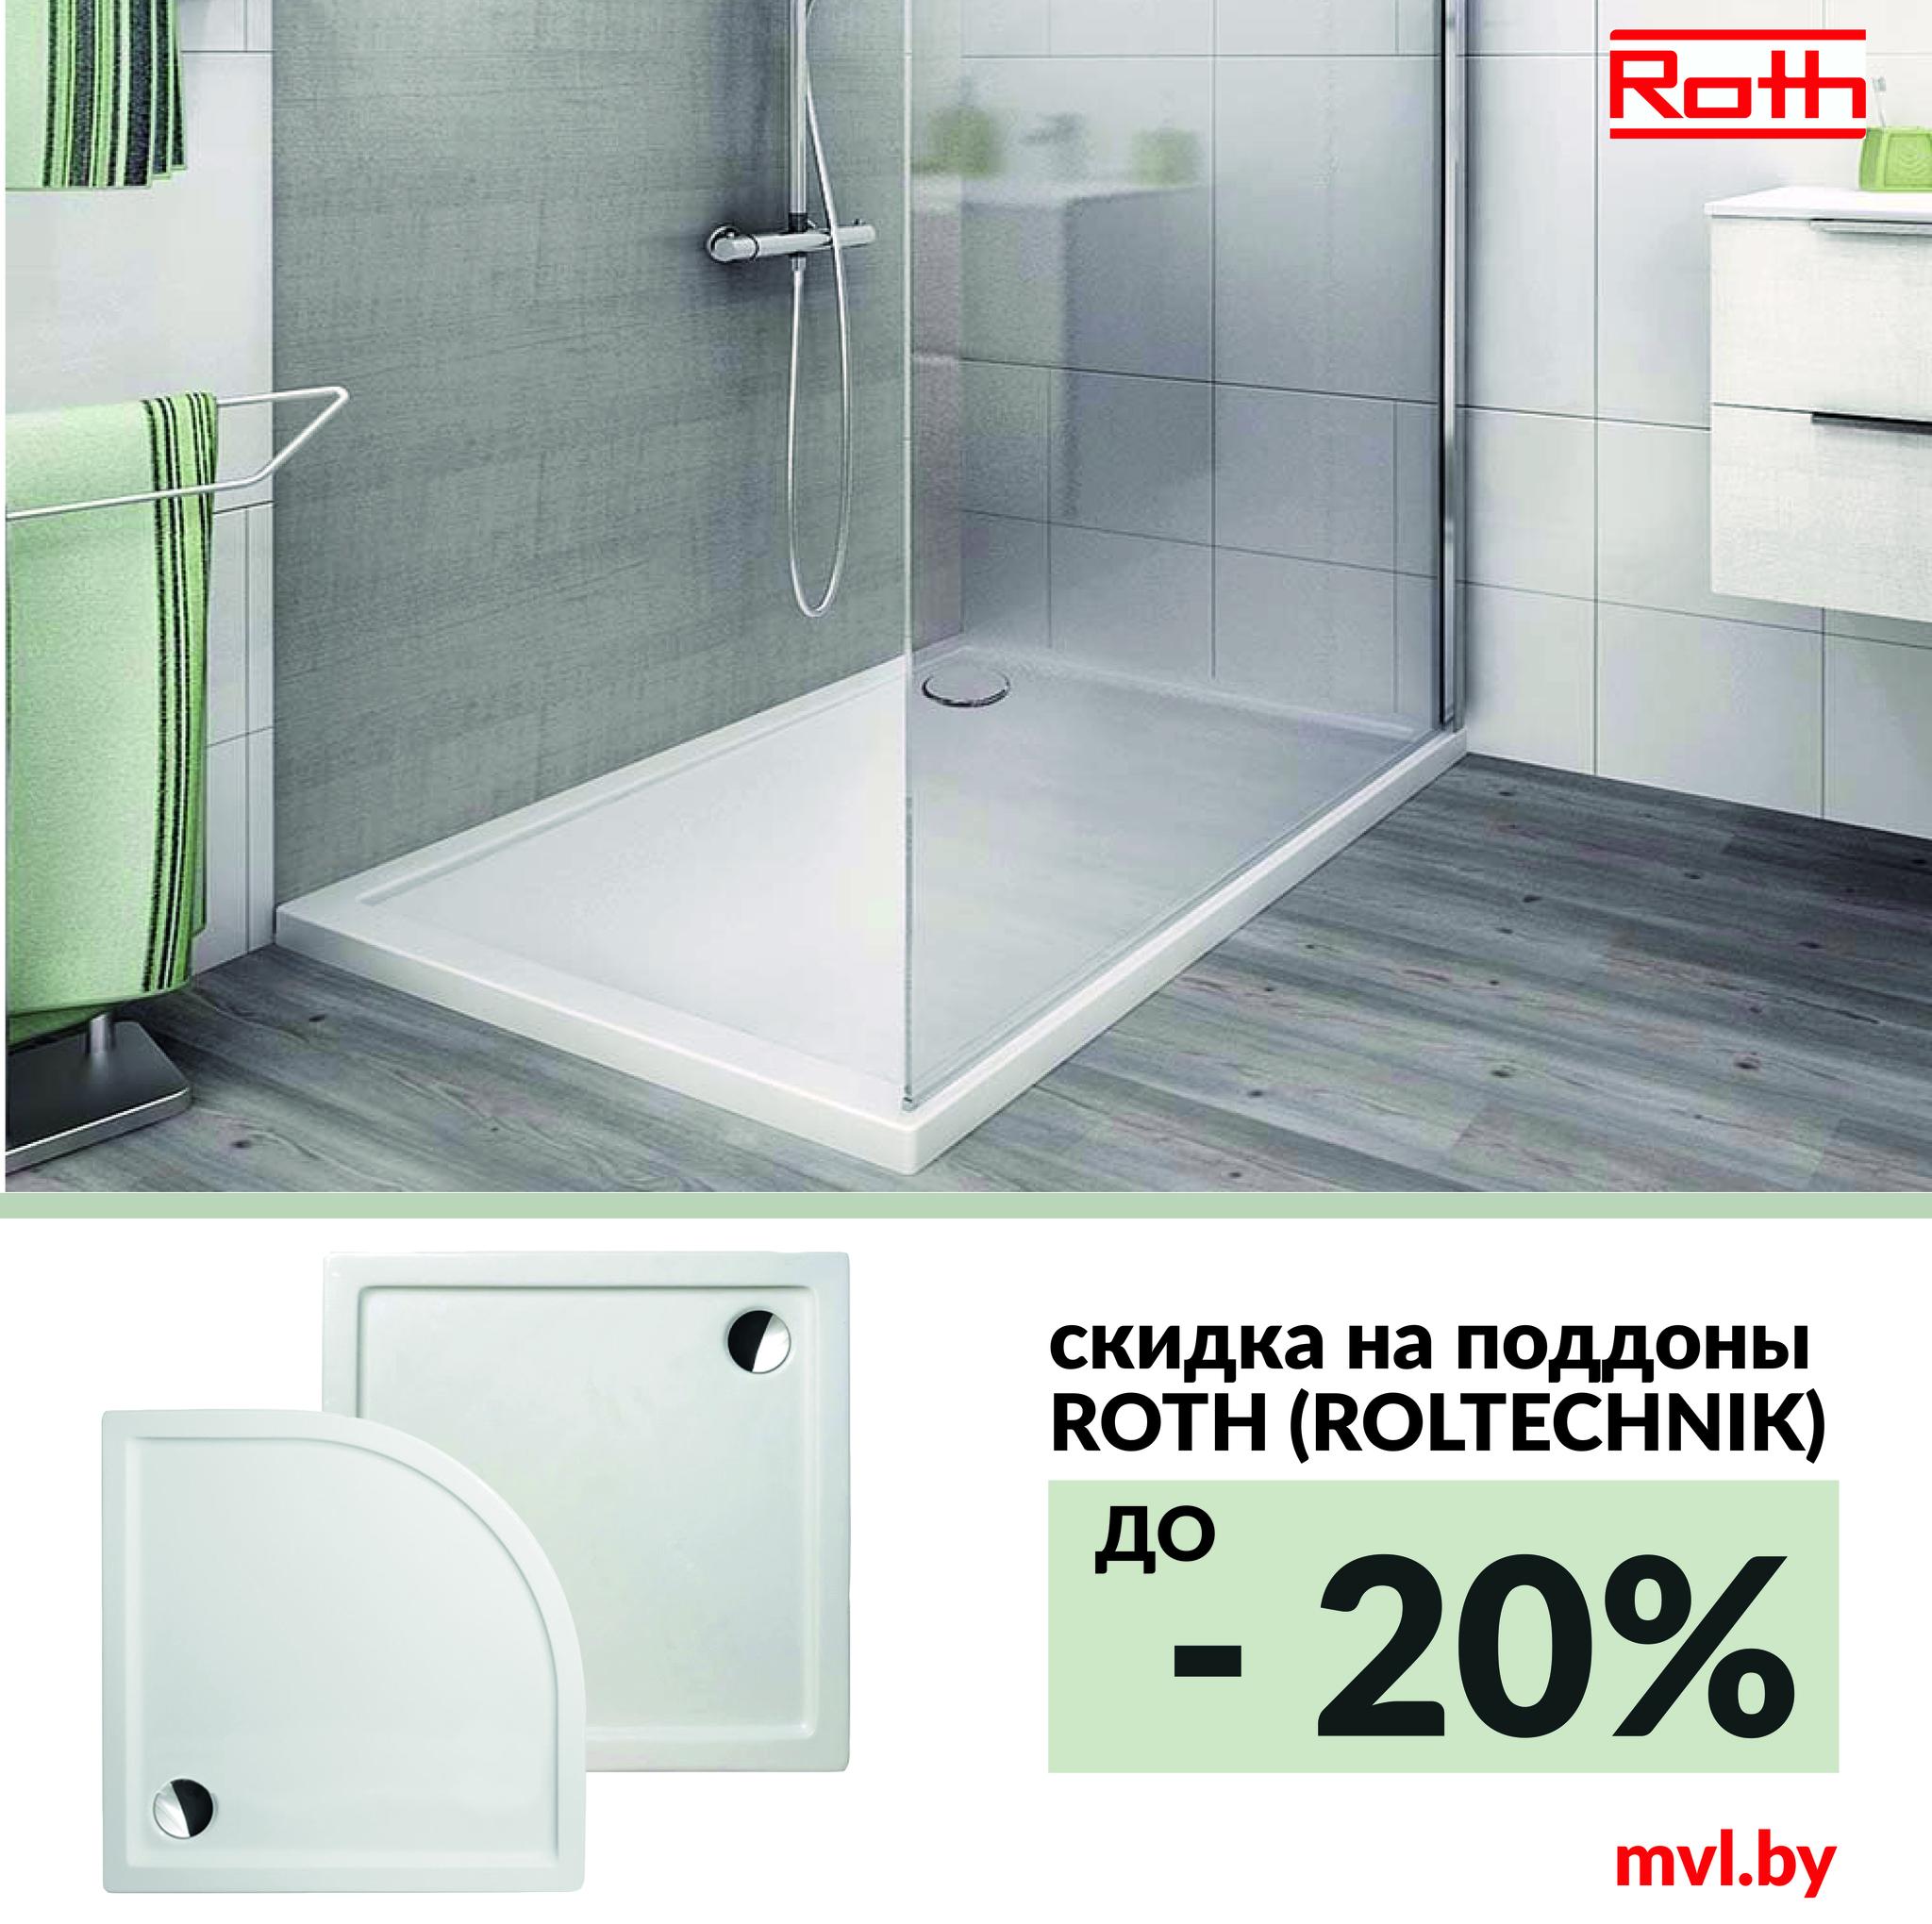 Скидка до - 20% на все поддоны ROTH (Roltechnik)